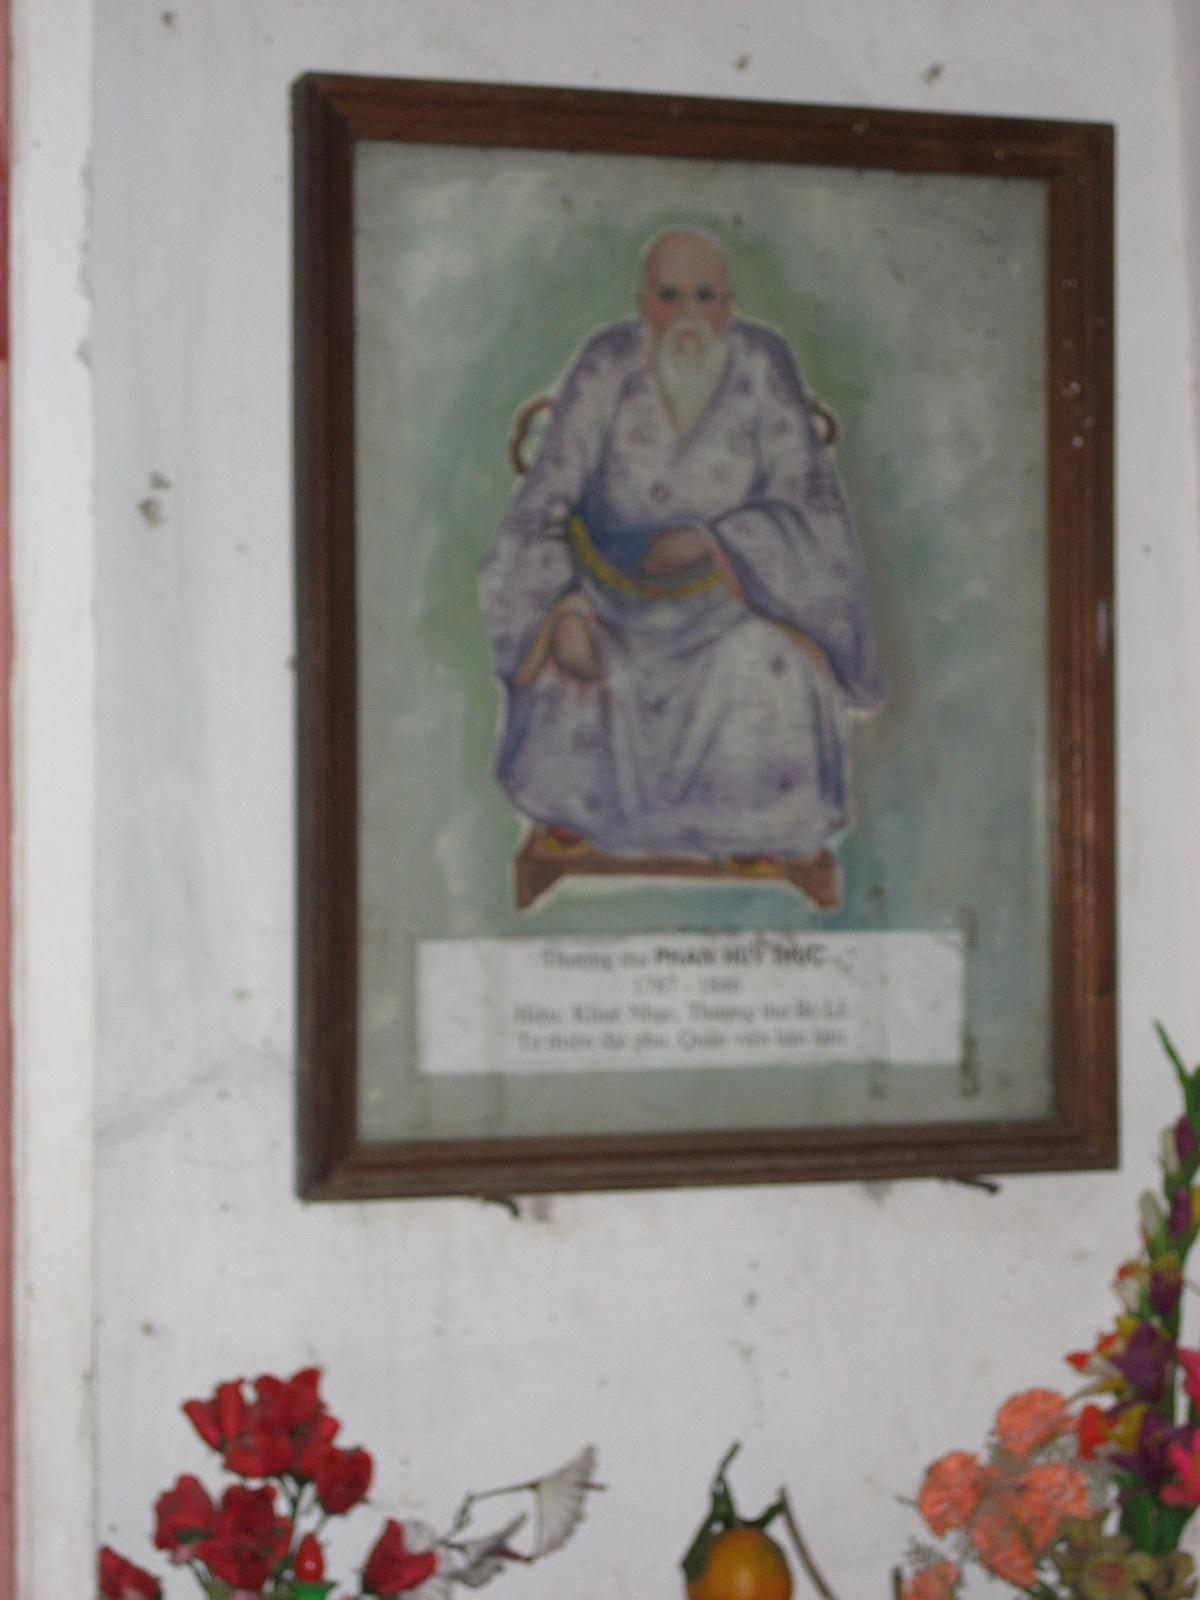 Ảnh ban thờ cụ Phan Huy Thực